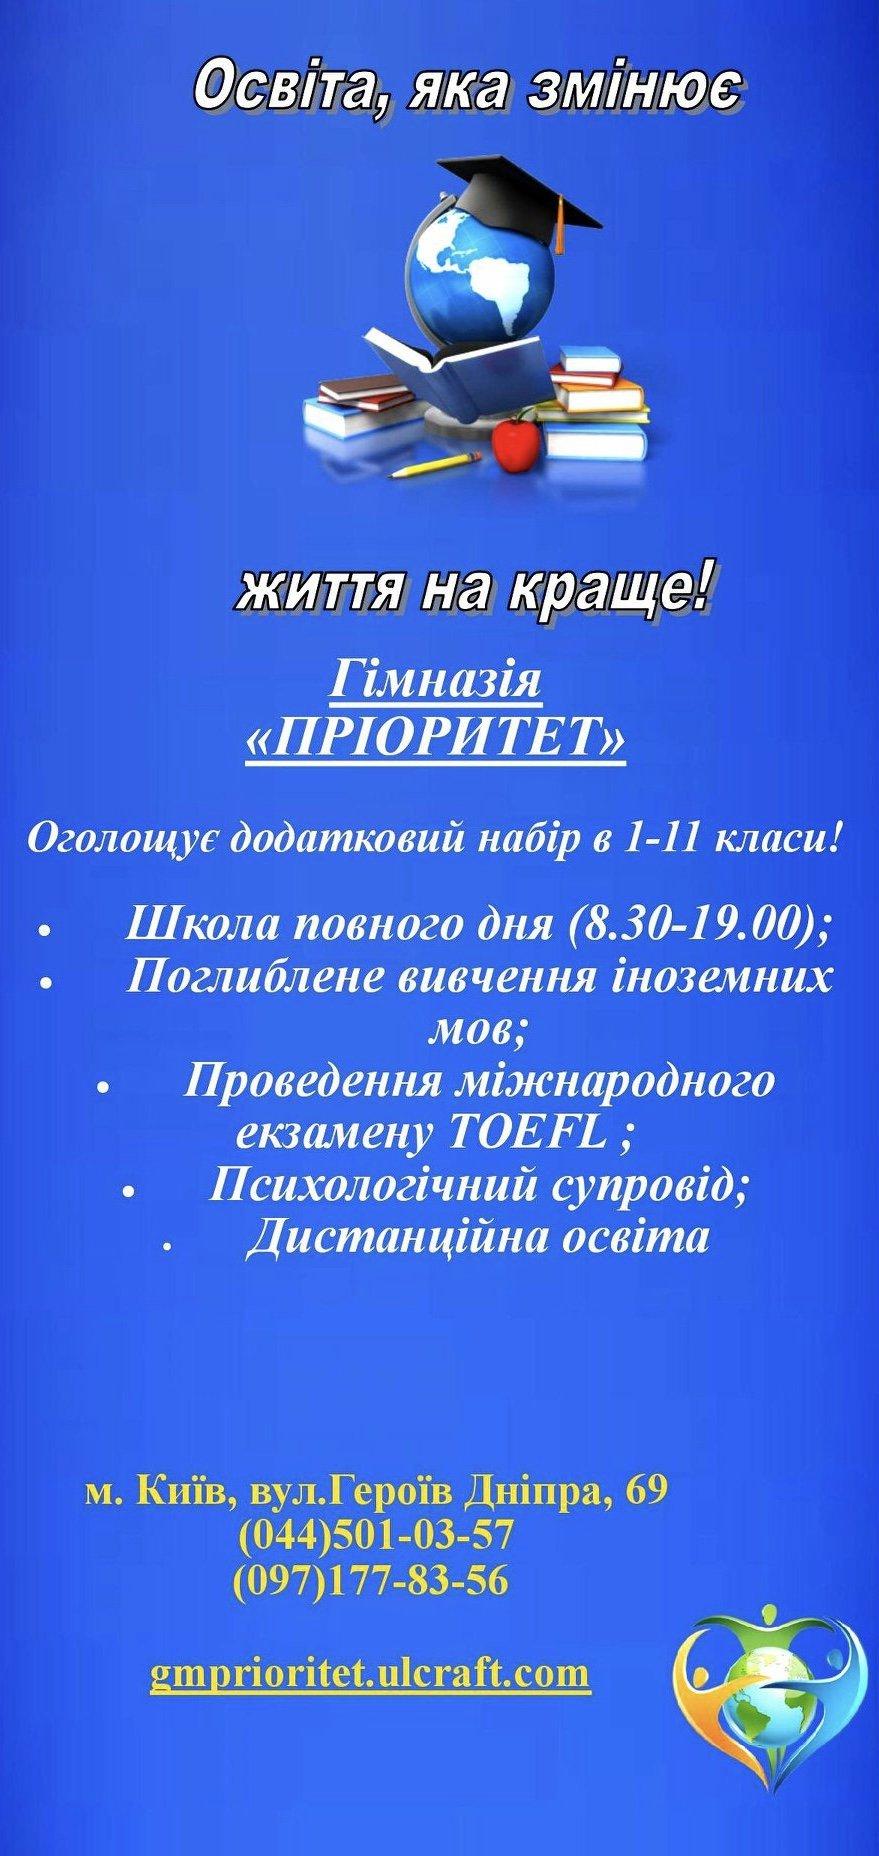 """Гимназия """"Приоритет"""", Киев - Освіта, яка змінює життя на краще!"""